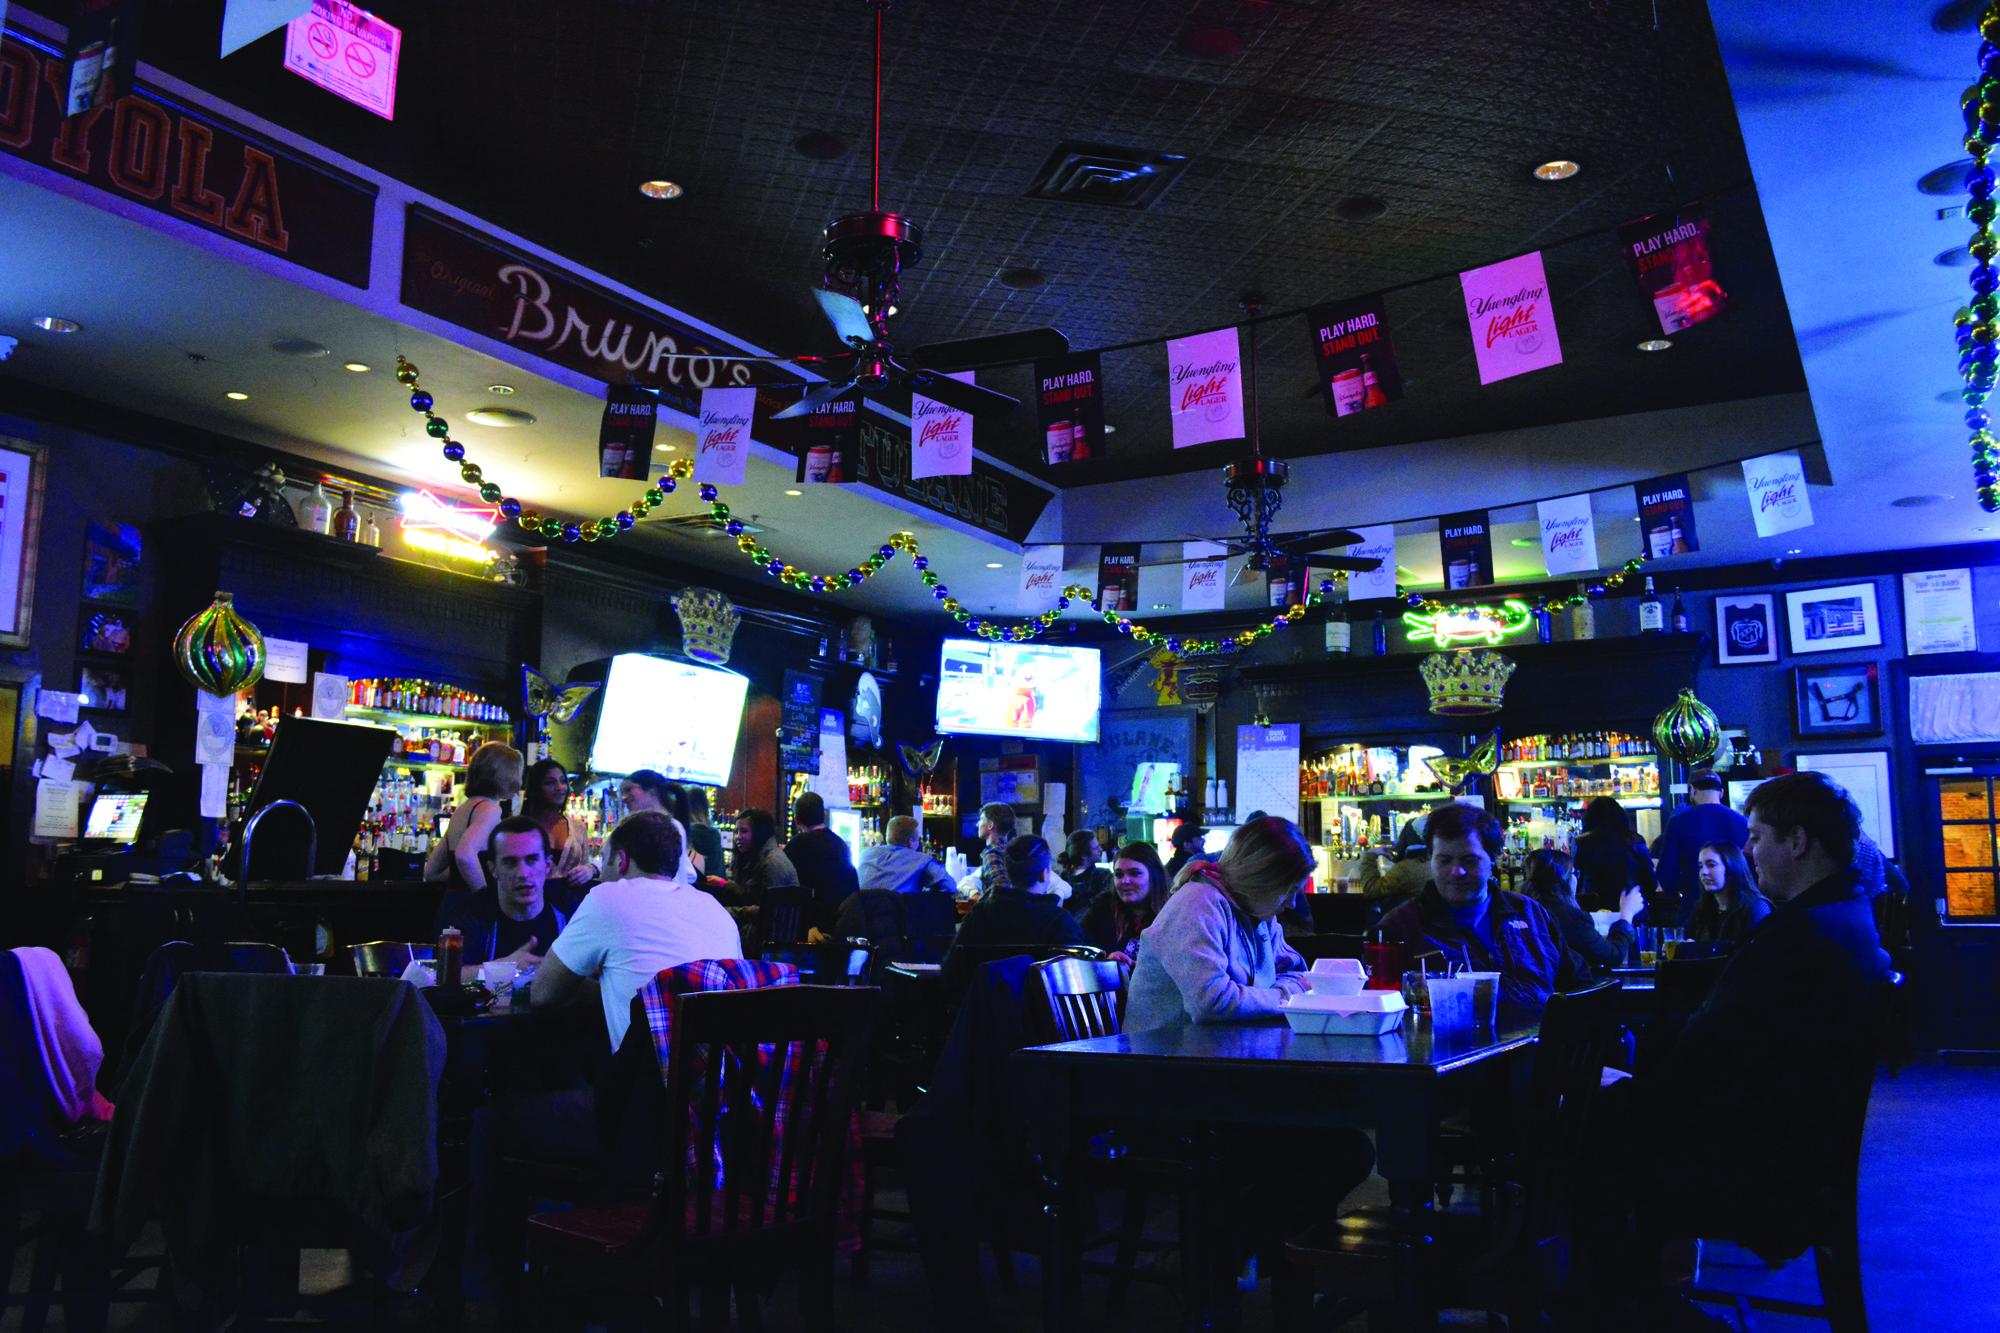 Uptown bars react to Landrieu proposal